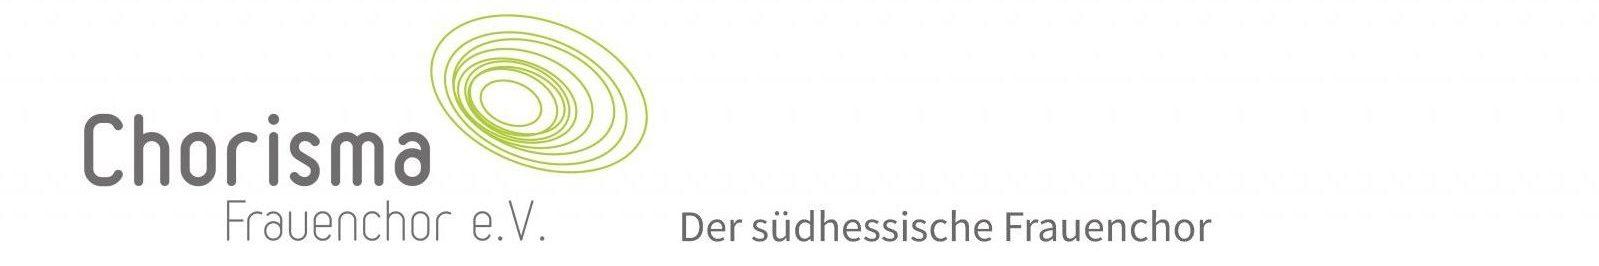 Chorisma Frauenchor e.V.